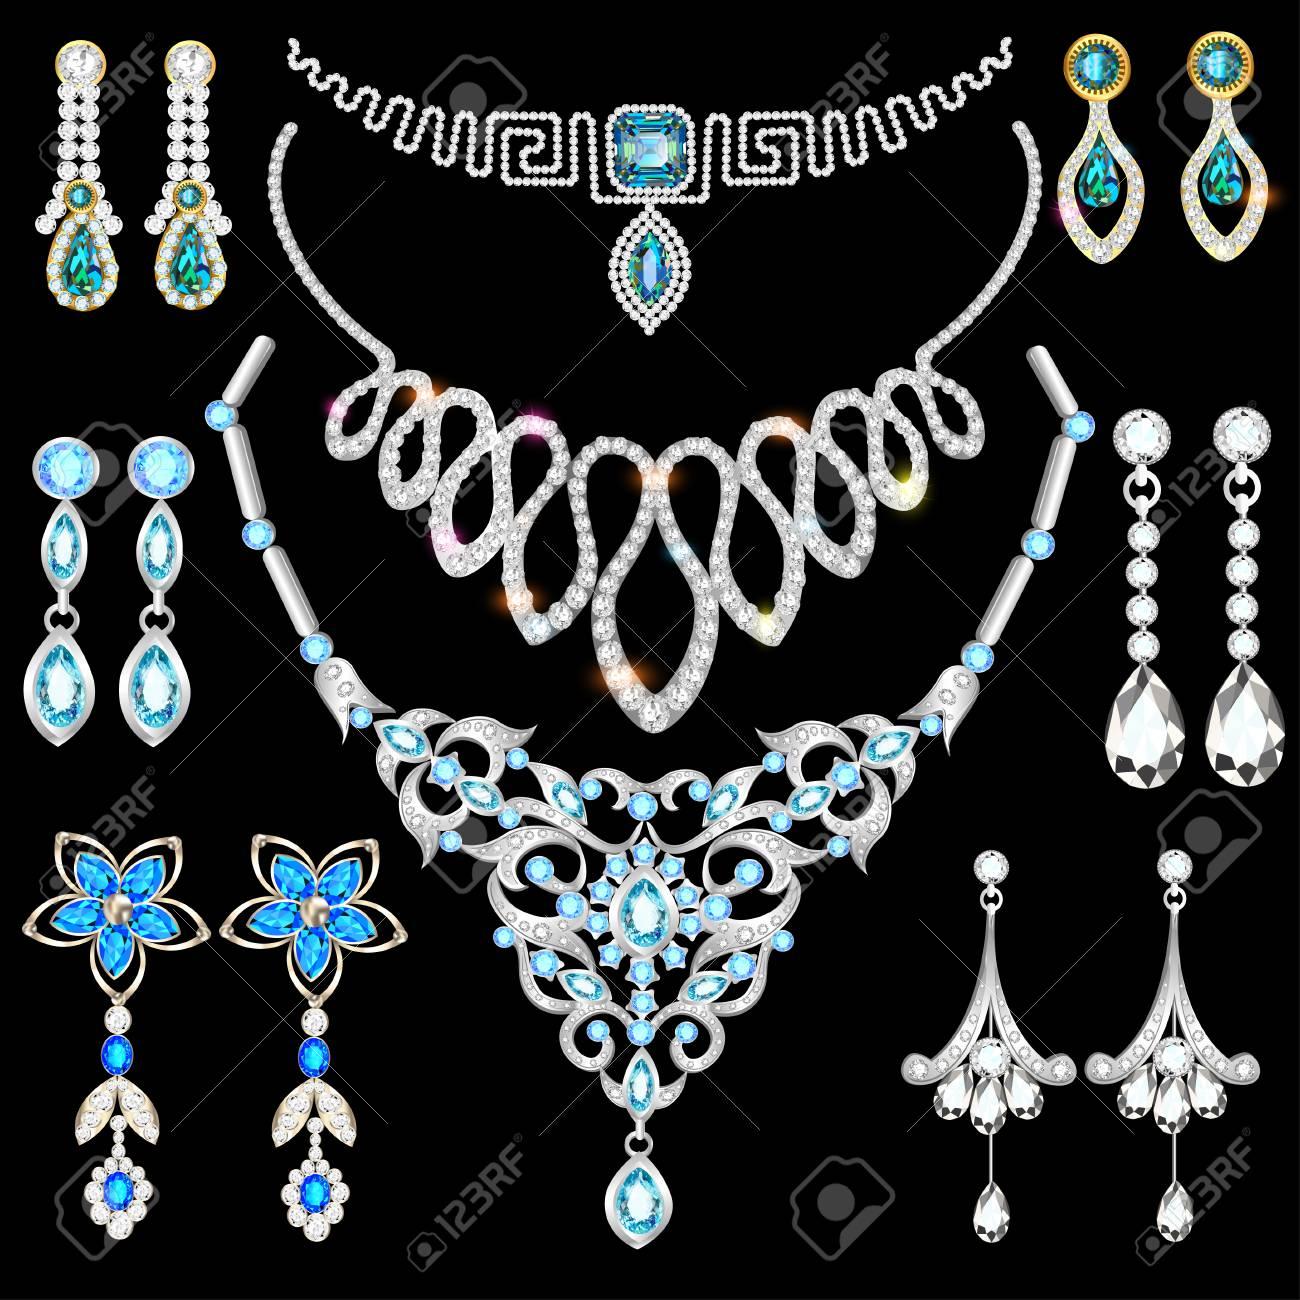 83bb0f43673b Ilustración conjunto de joyas de oro y piedras preciosas, pendientes,  collar, colgantes